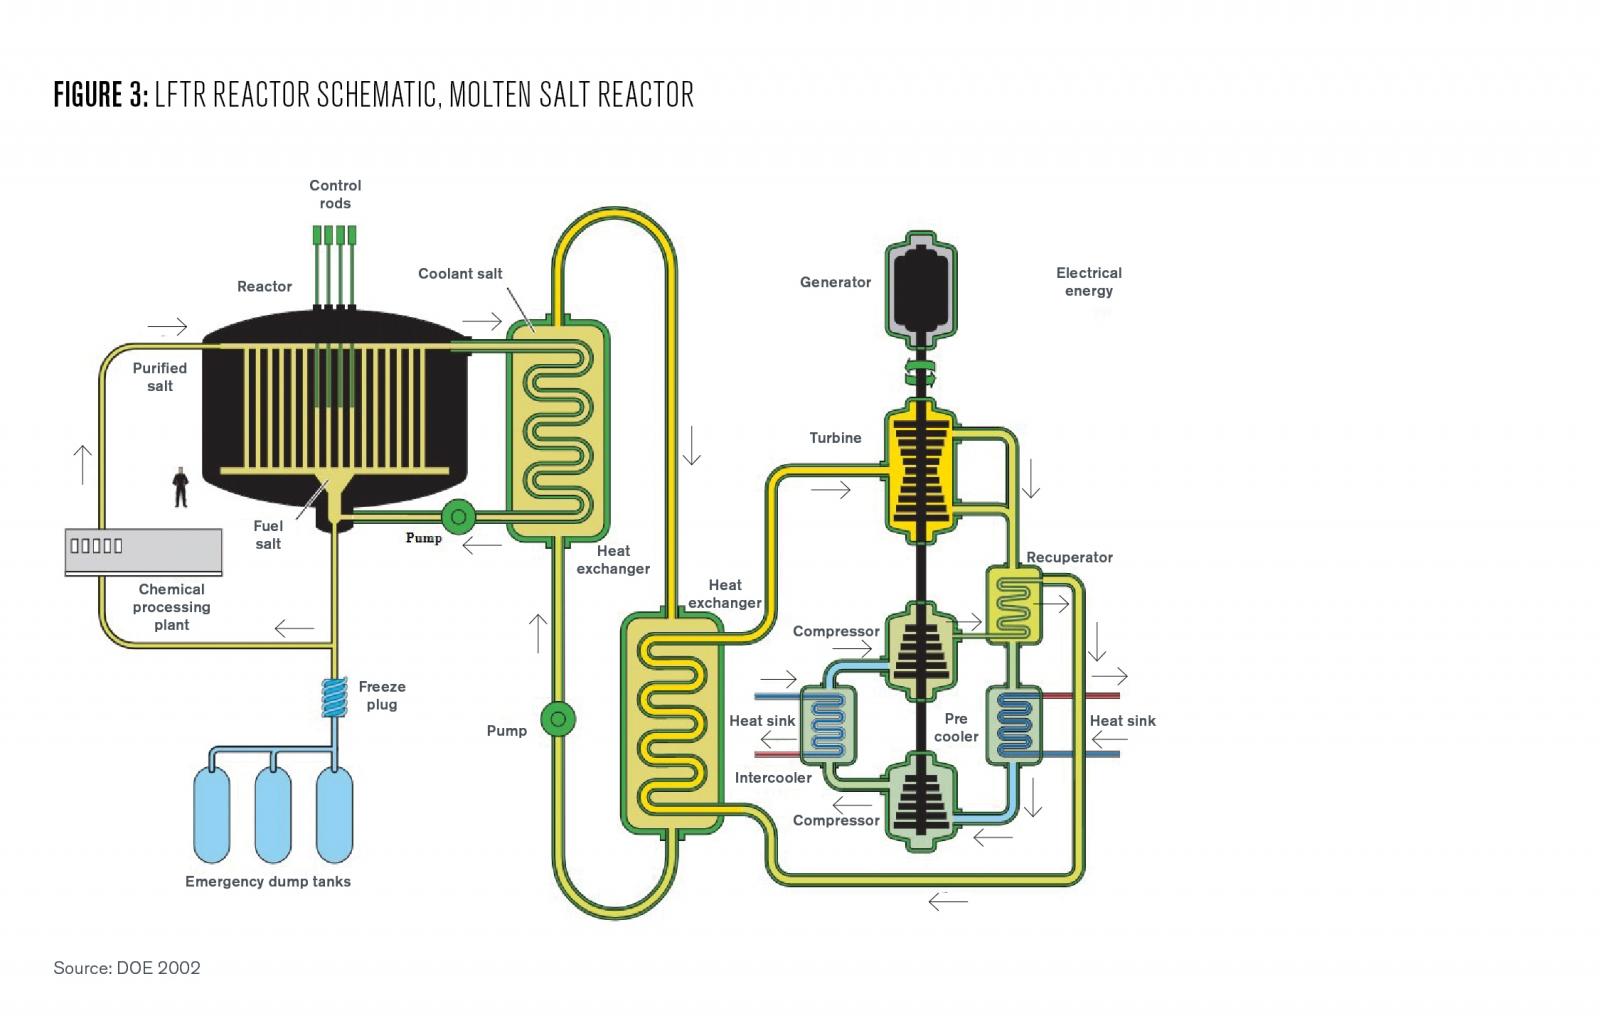 Figure 3 LFTR Reactor Schematic